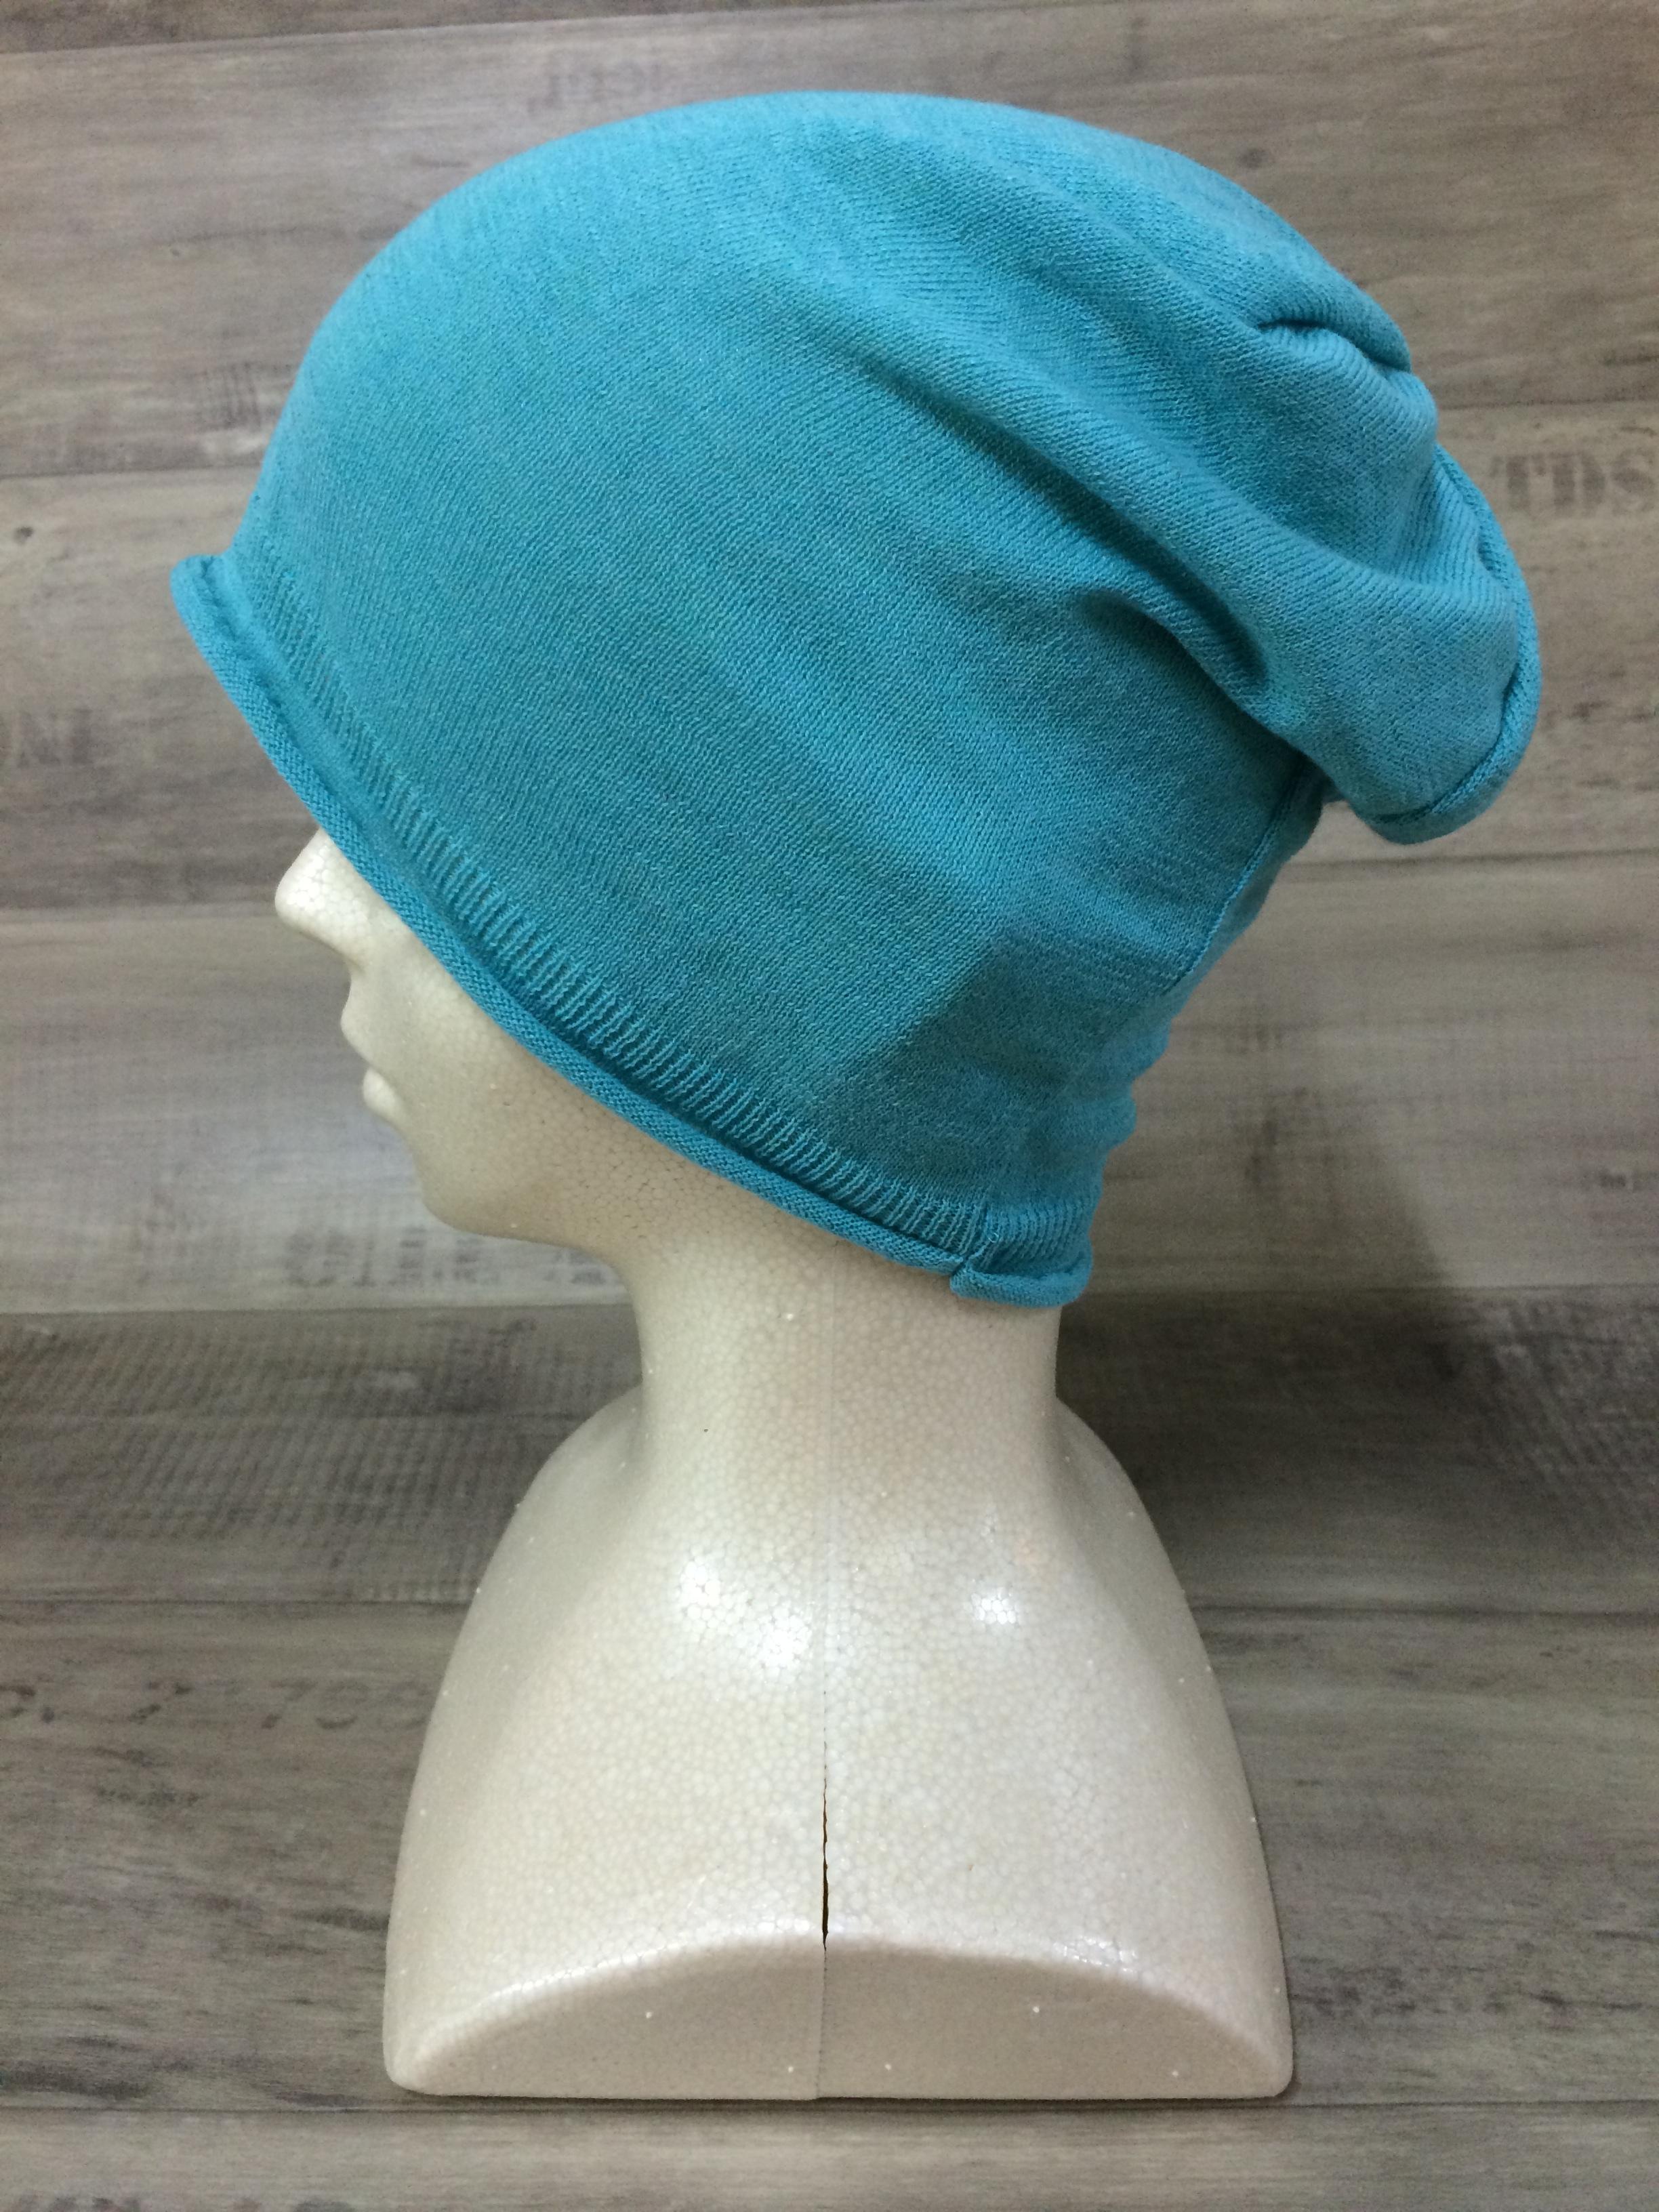 【送料無料】こころが軽くなるニット帽子amuamu|新潟の老舗ニットメーカーが考案した抗がん治療中の脱毛ストレスを軽減する機能性と豊富なデザイン NB-6058|ソーダ <オーガニックコットン アウター>